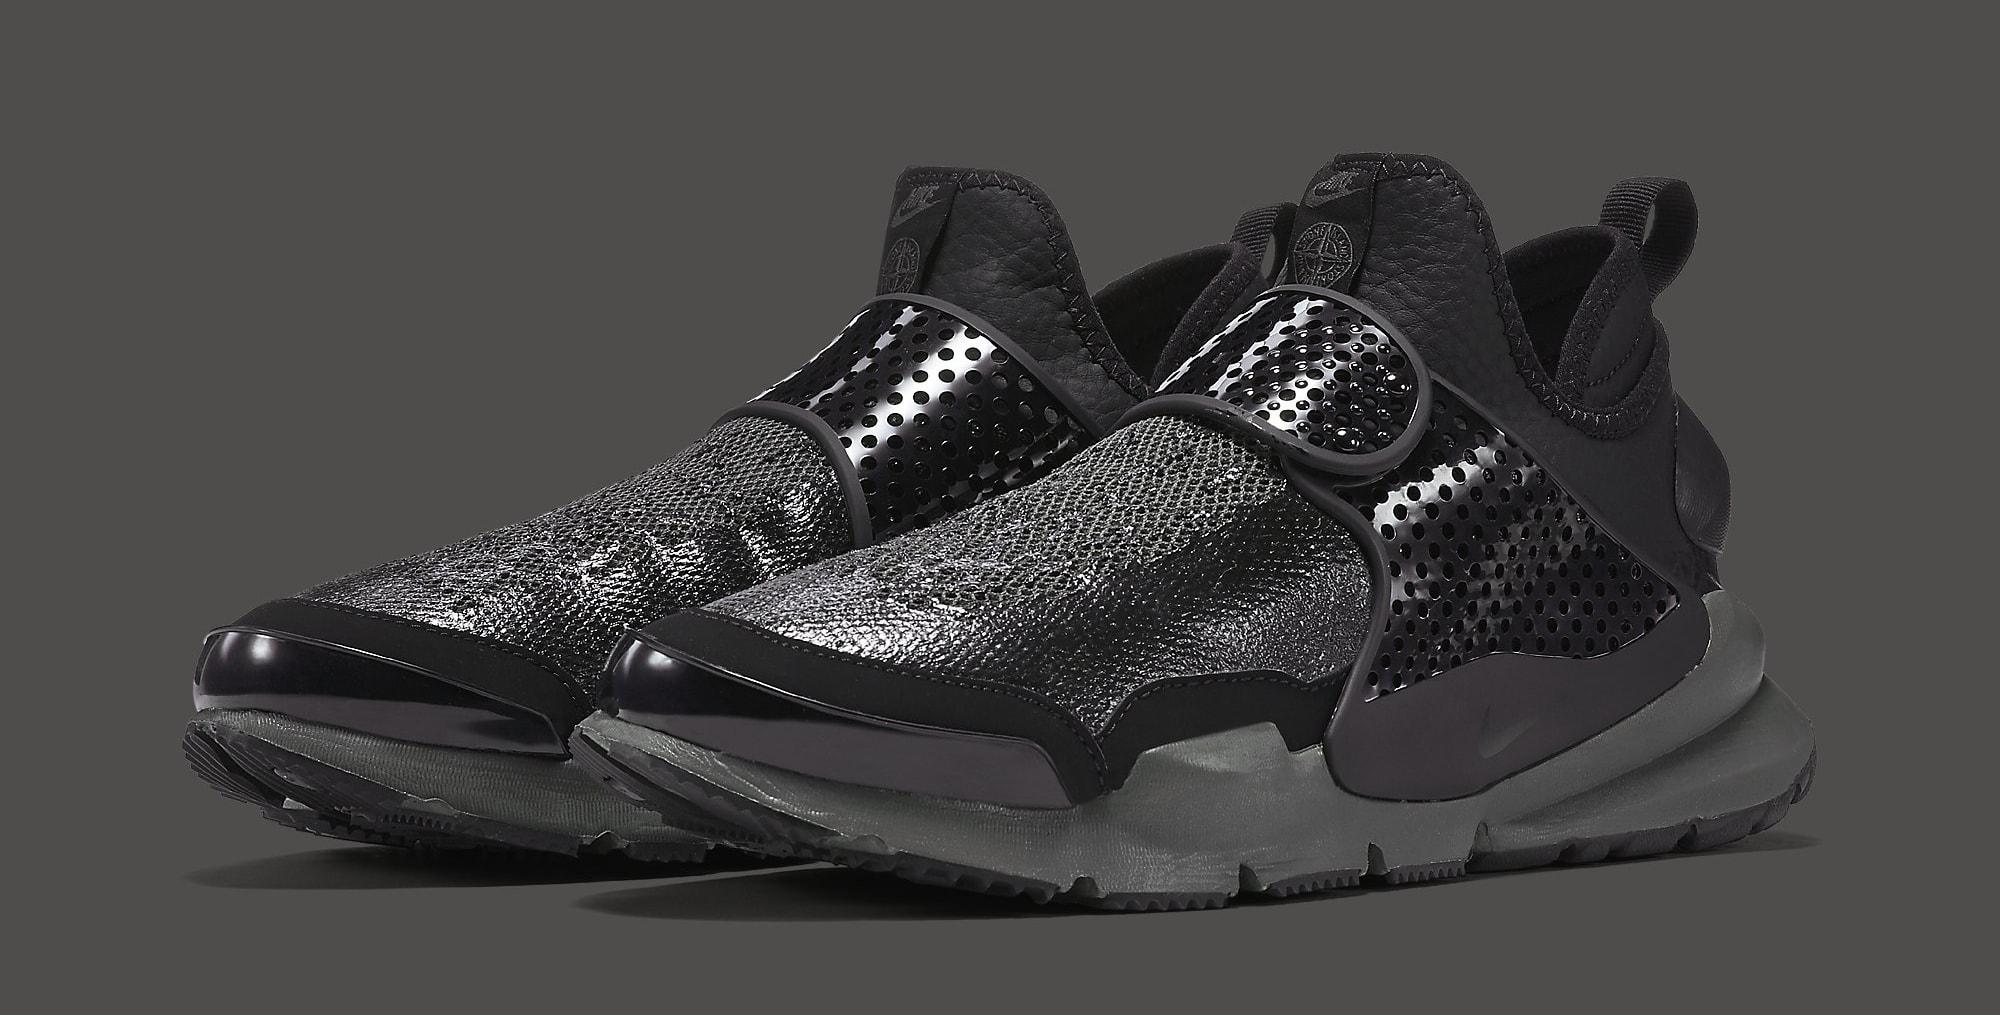 Stone Island Nike Sock Dart 910090-001